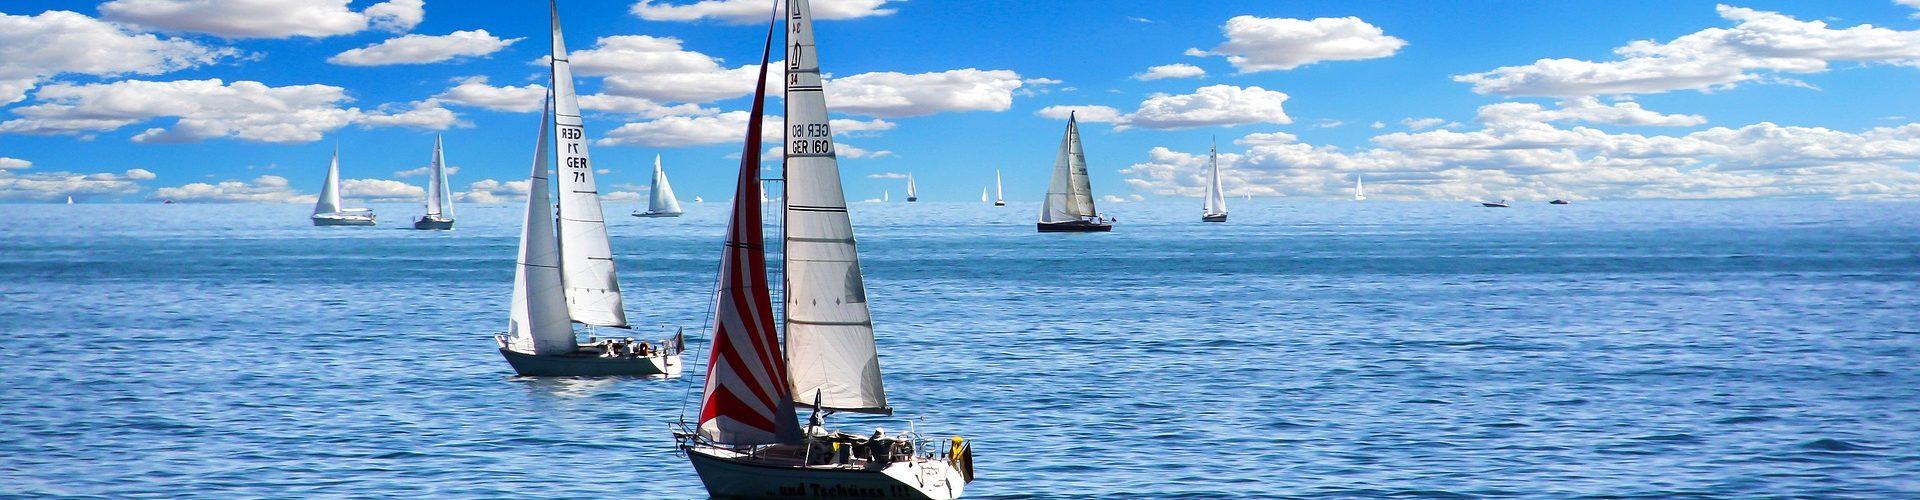 segeln lernen in Beckum segelschein machen in Beckum 1920x500 - Segeln lernen in Beckum